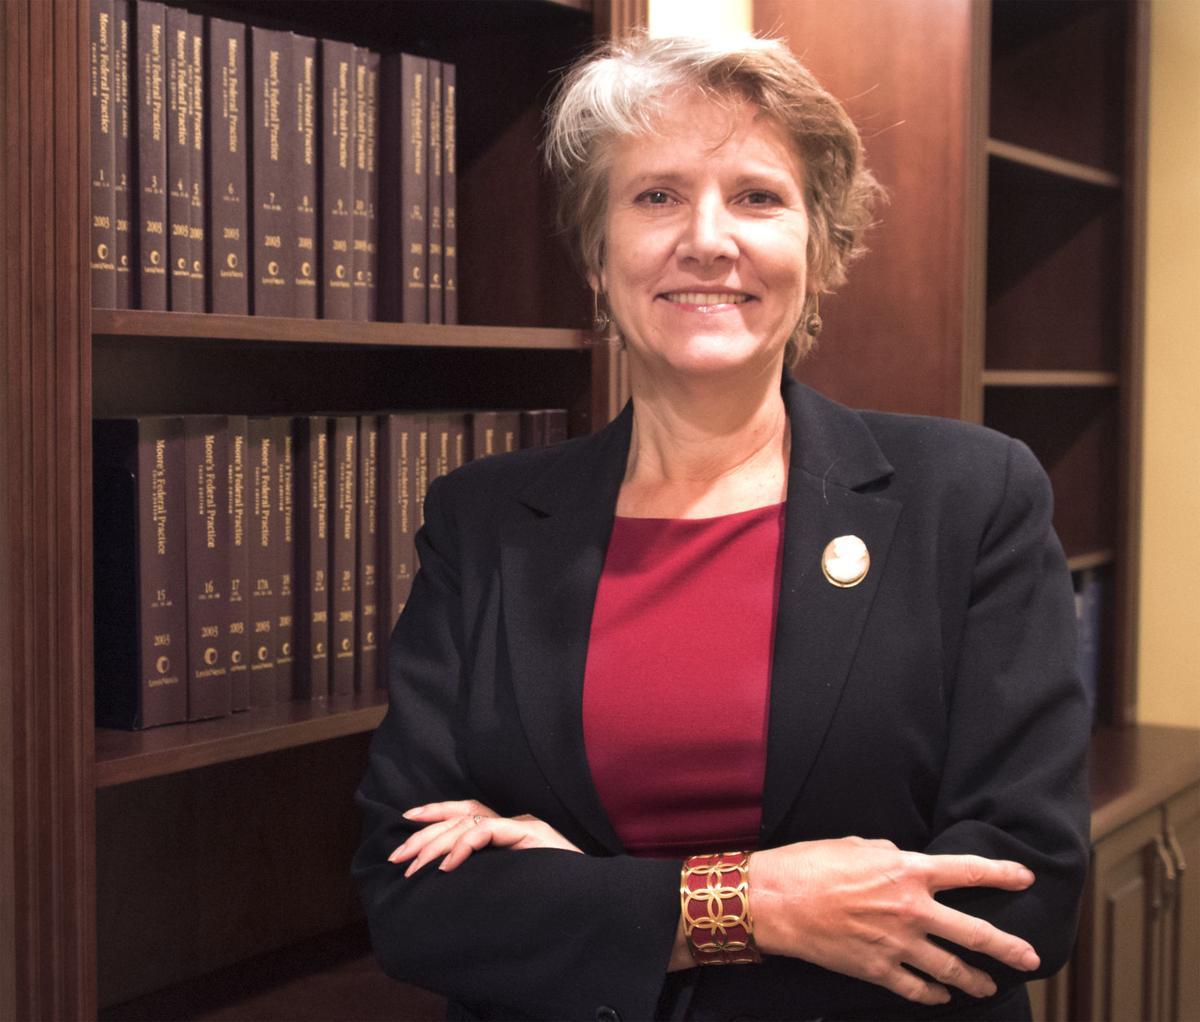 Leslie A. Powell